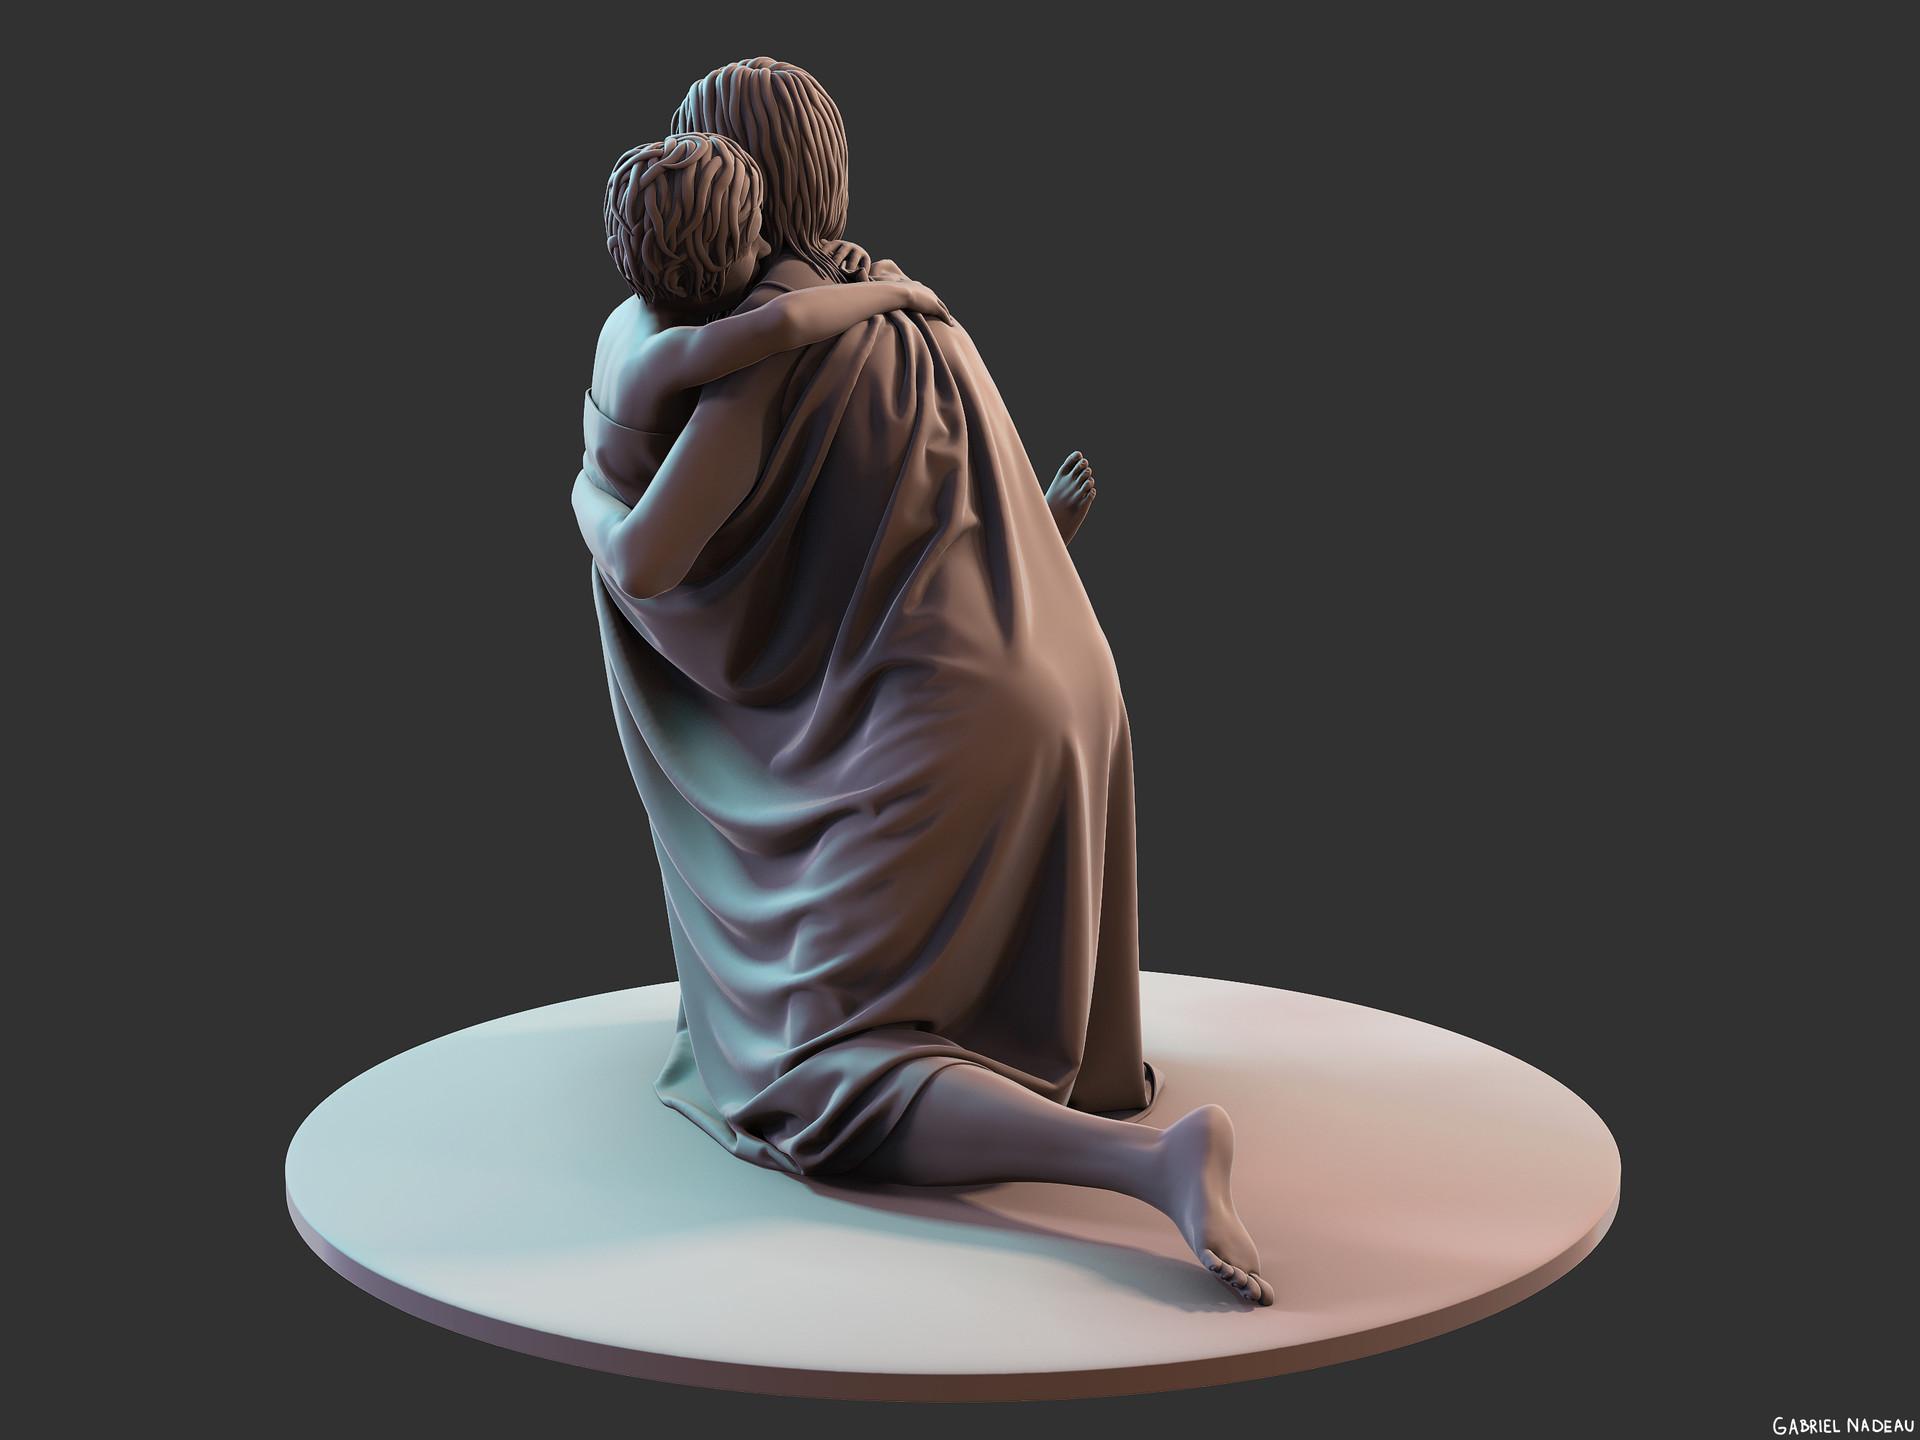 Gabriel nadeau statue clean 64